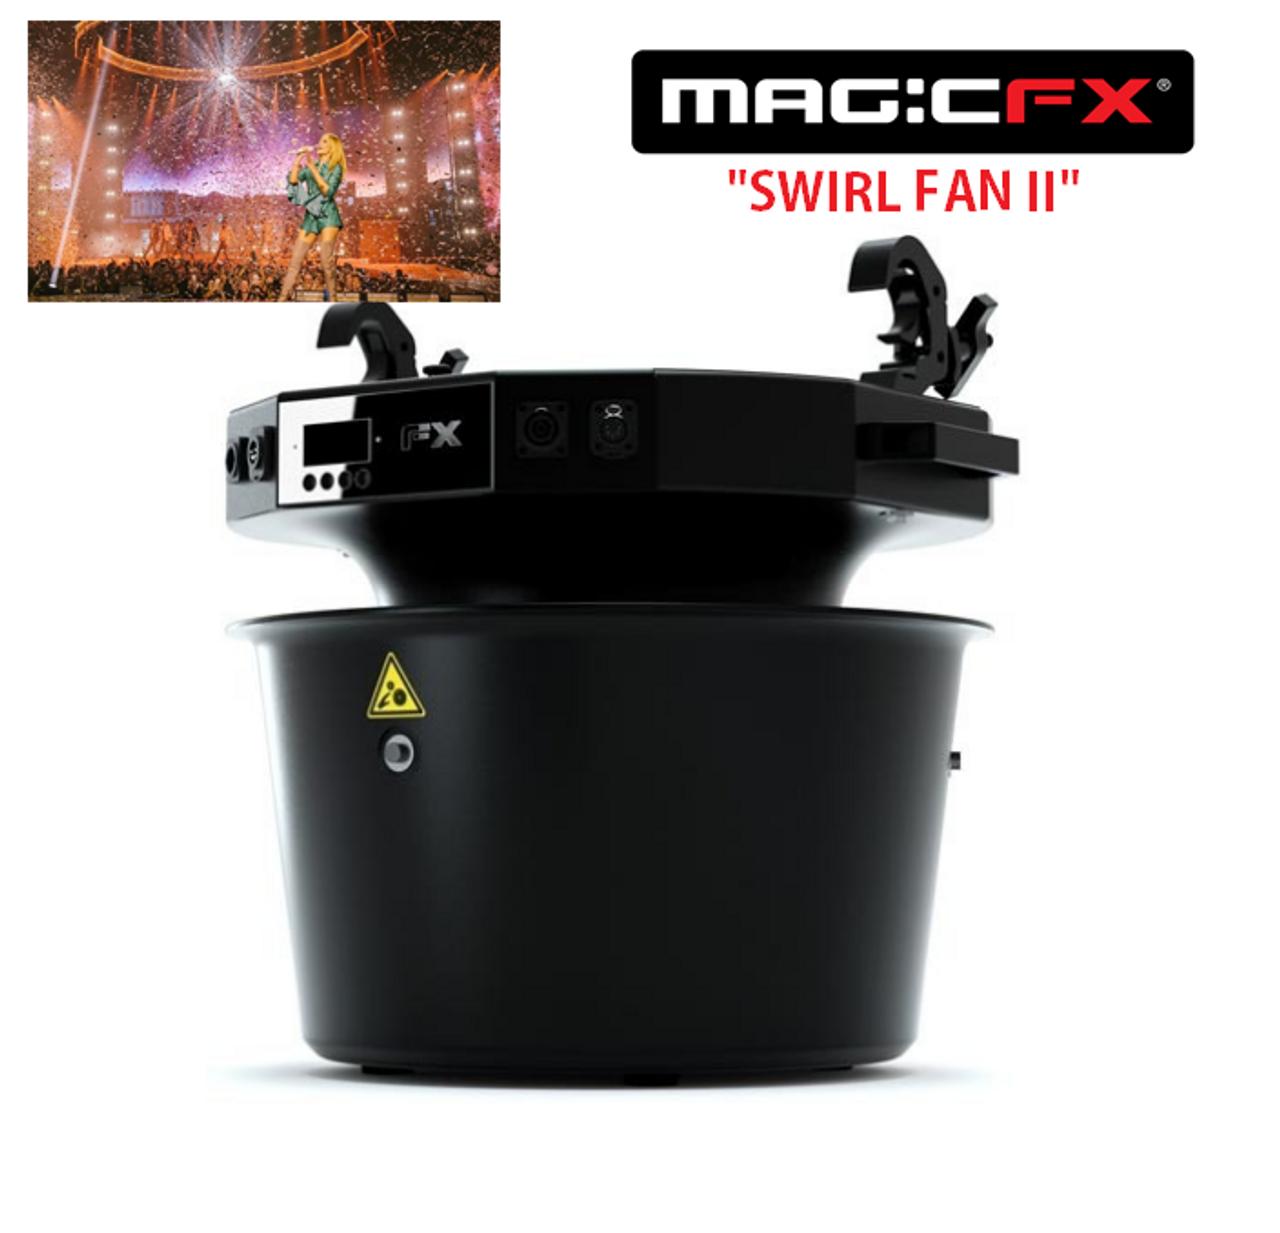 MAGICFX SWIRL FAN II